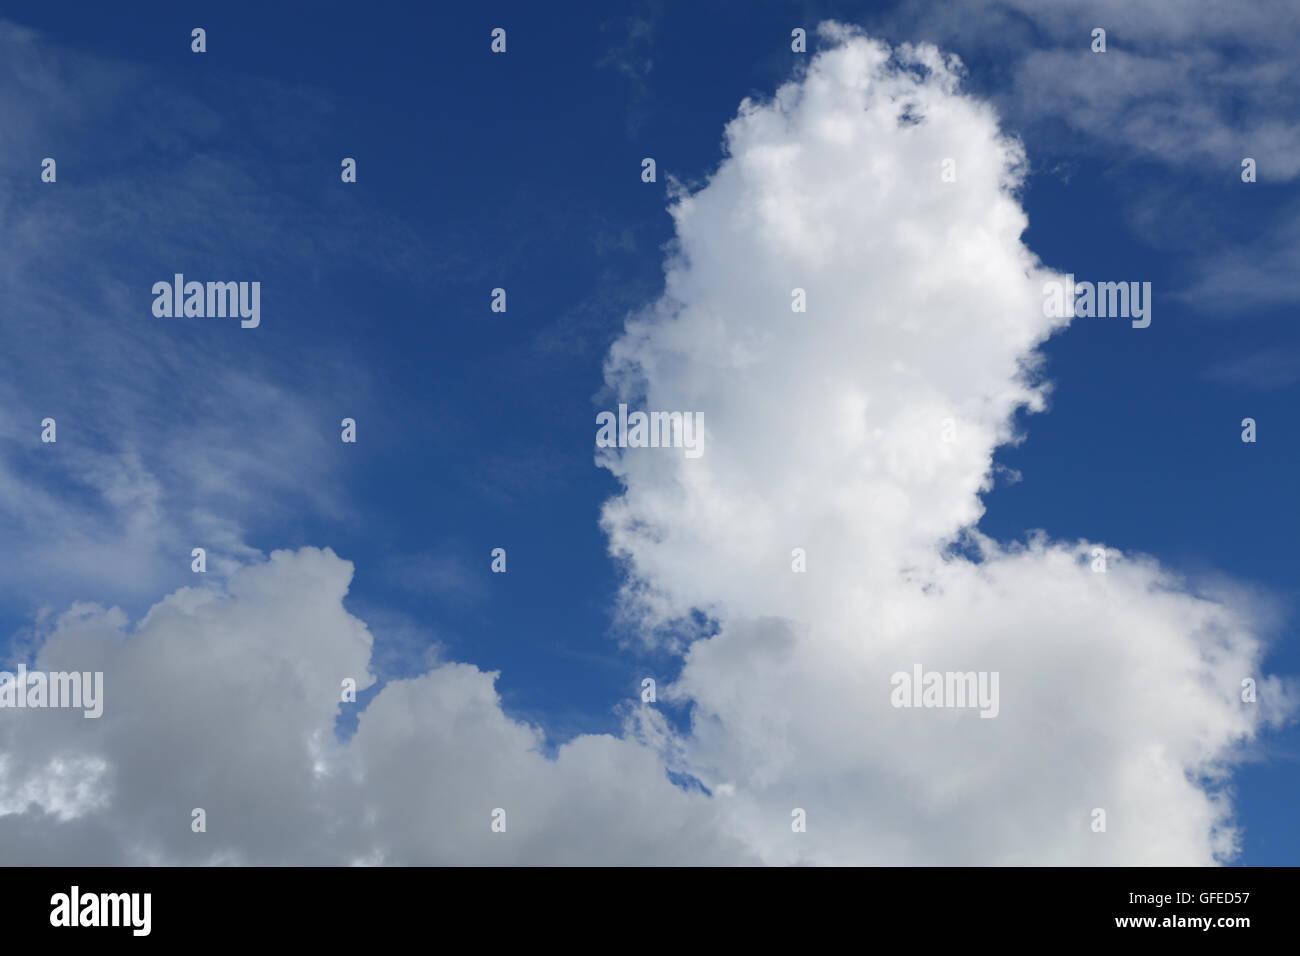 cumulonimbus cloud and blue sky #4 - Stock Image